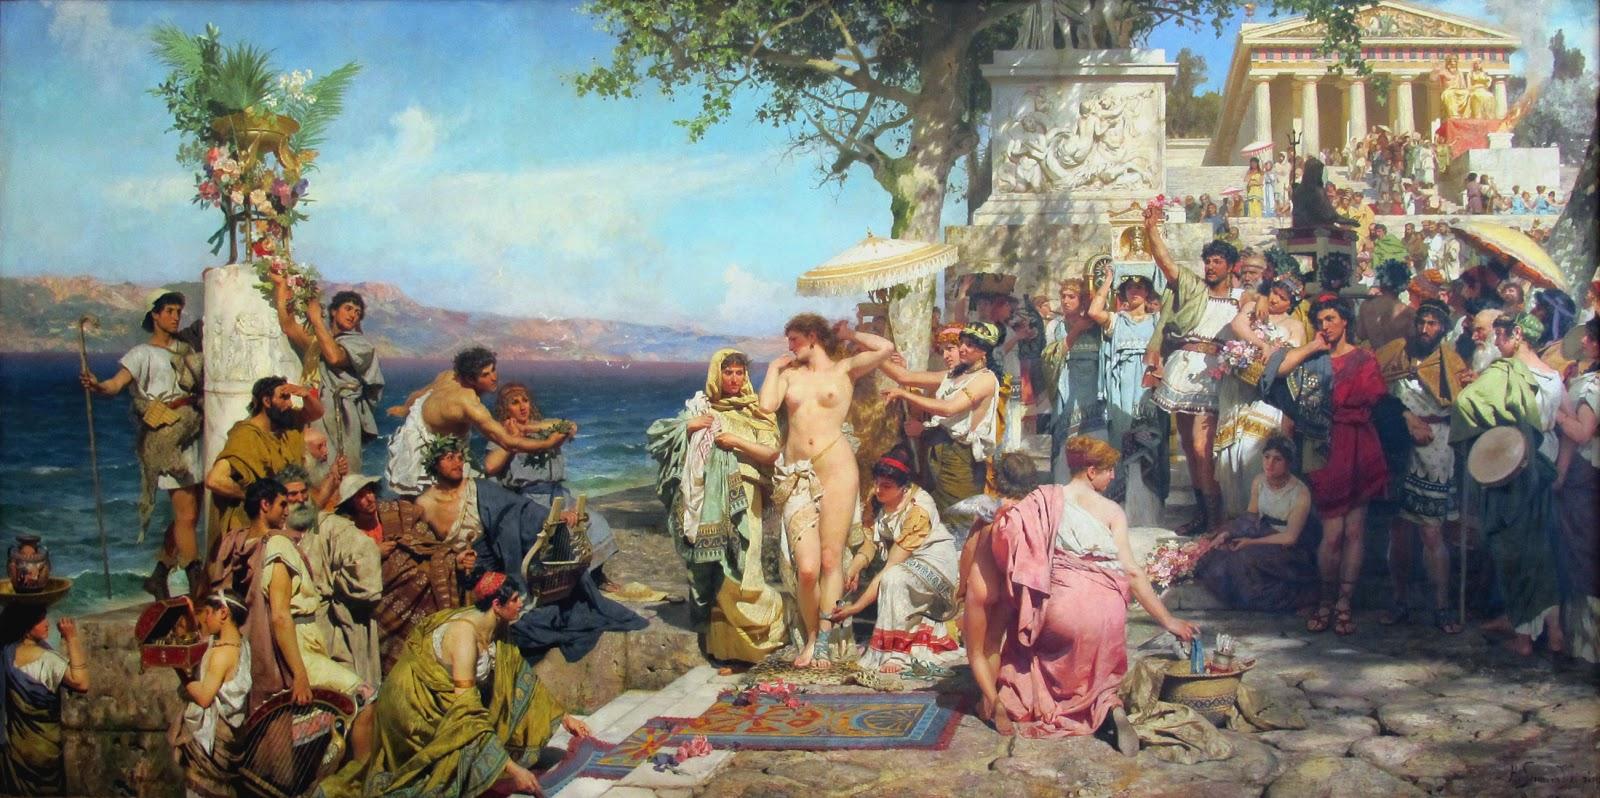 Οι Έλληνες που επισκέφτηκαν την Αίγυπτο την αρχαία εποχή